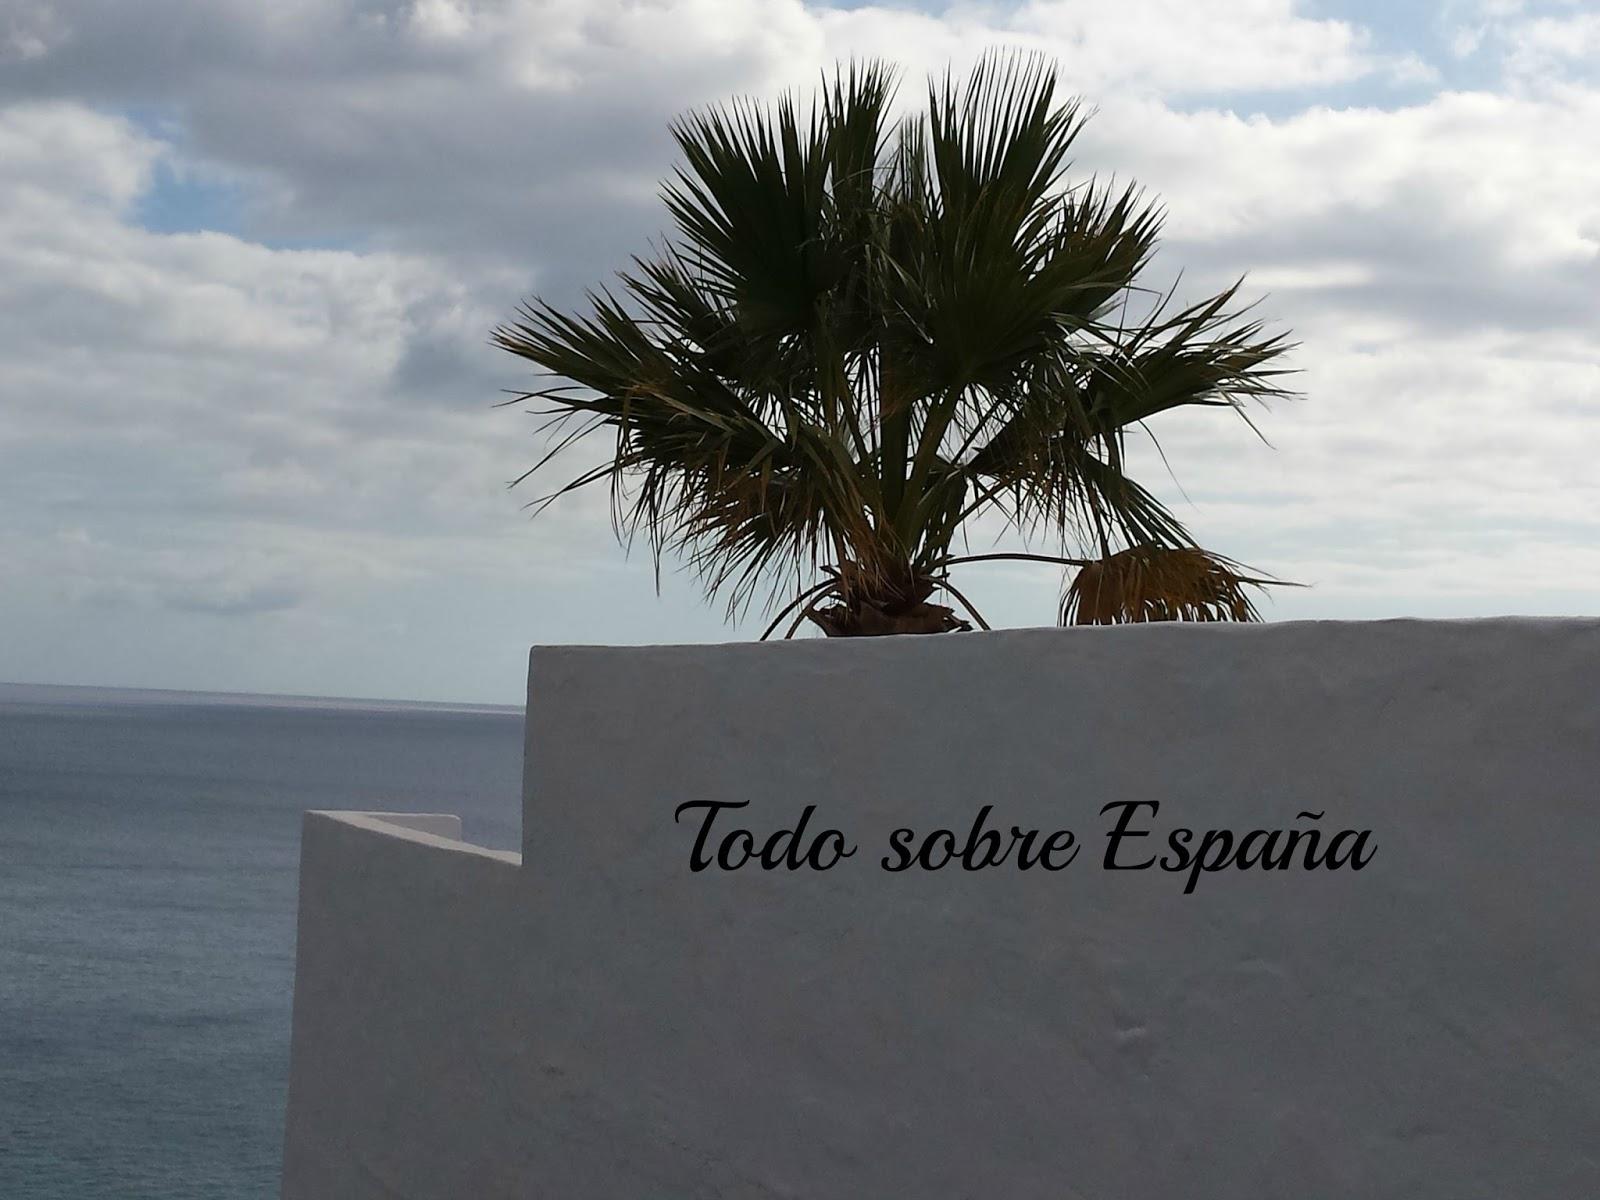 Wszystko o Hiszpanii, blogi o Hiszpanii, informacje o Hiszpanii, portale hiszpańskie